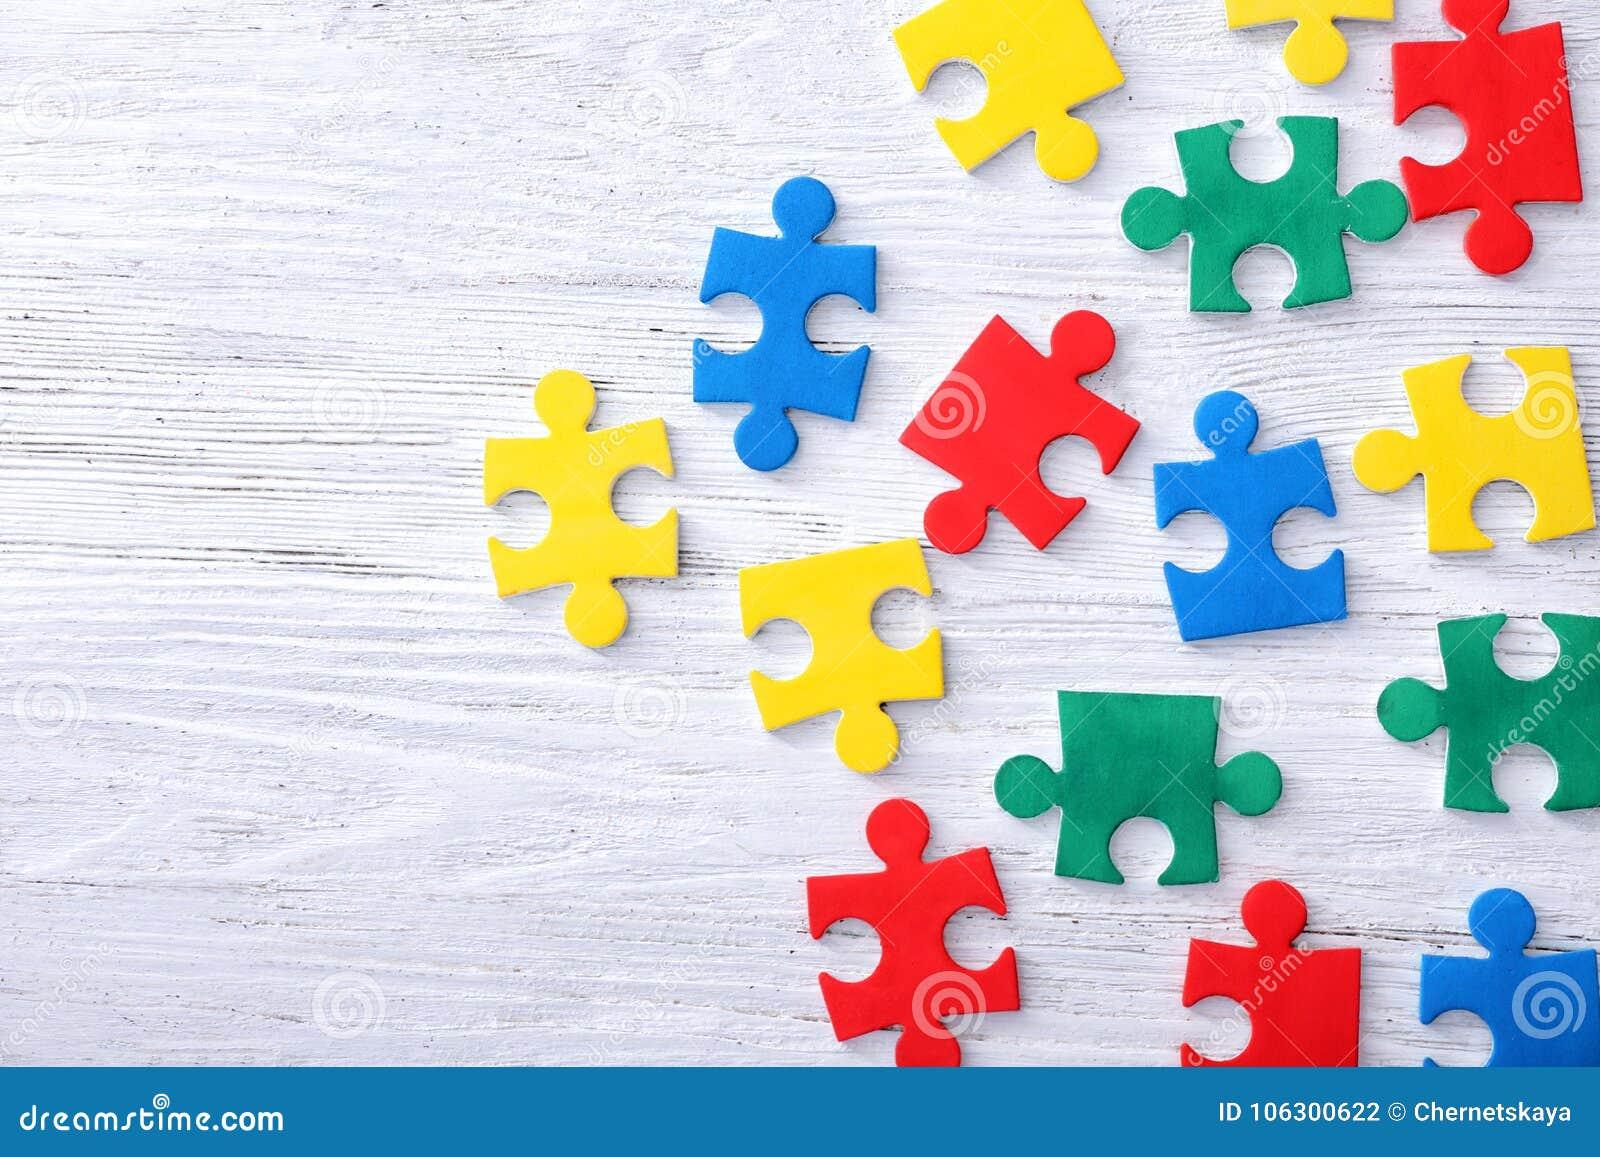 Farbpuzzlespiele auf Hintergrund